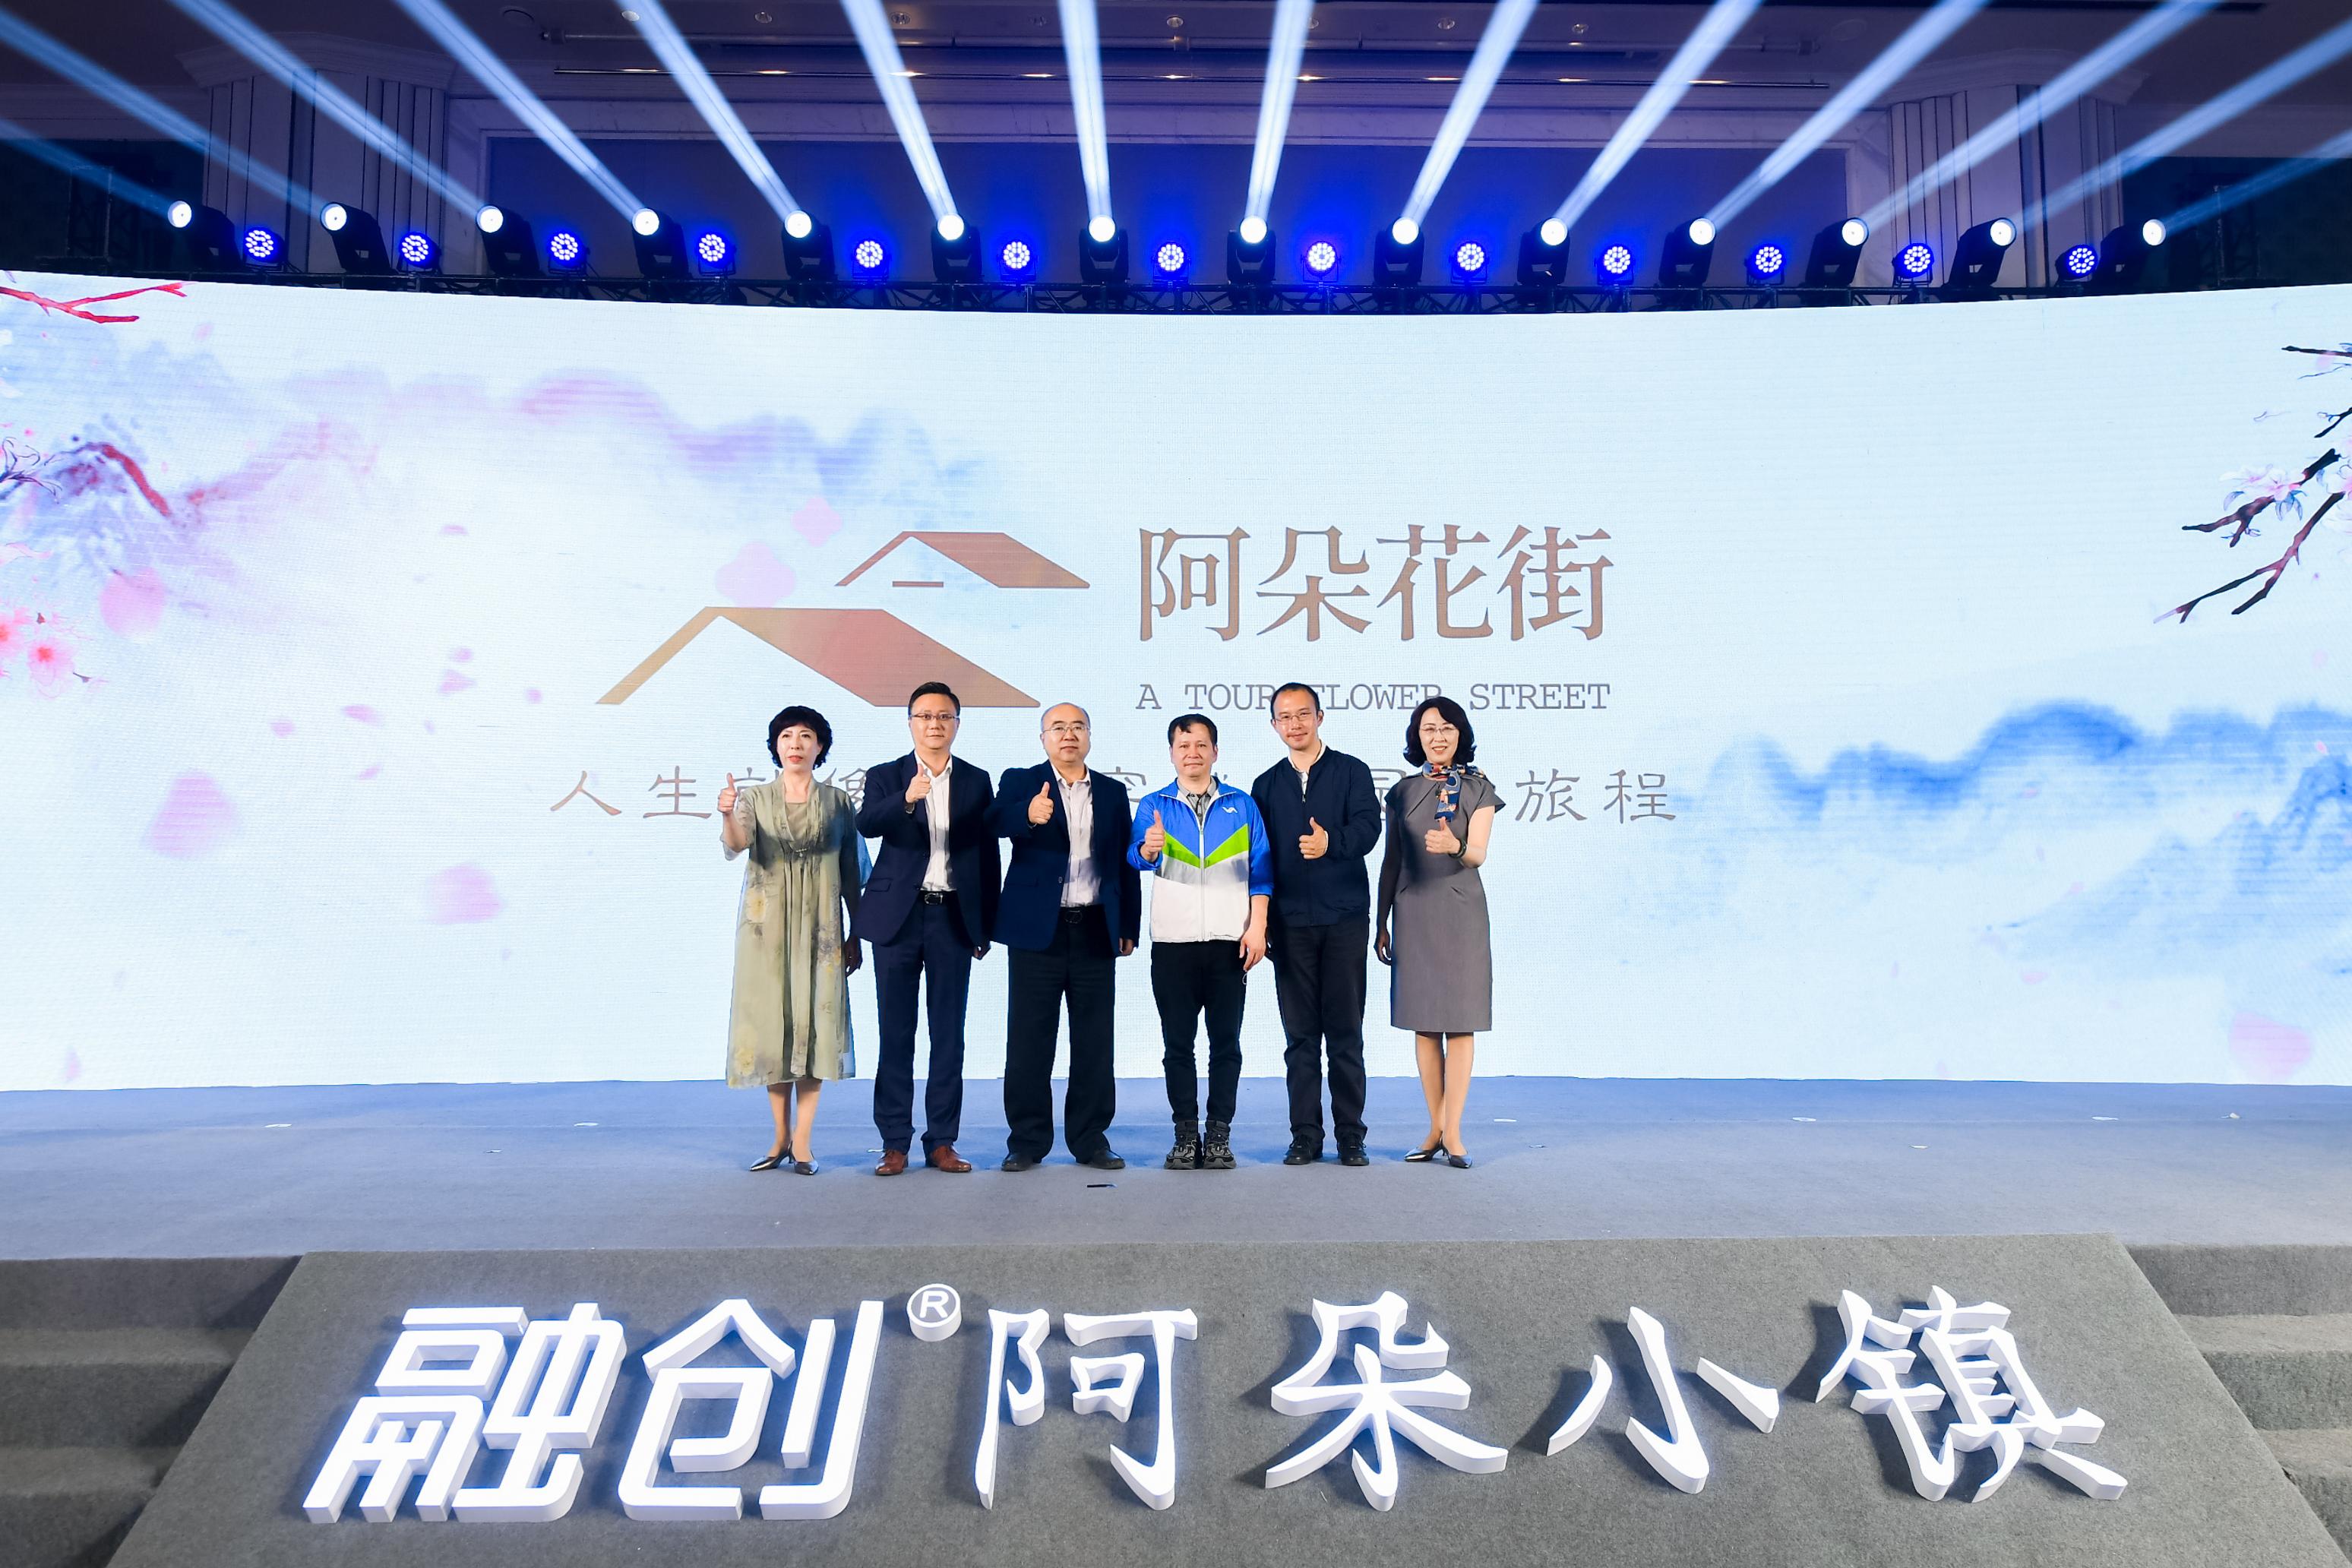 阿朵花街正式发布 融创•阿朵小镇全新旅居生活 美好启程-中国网地产